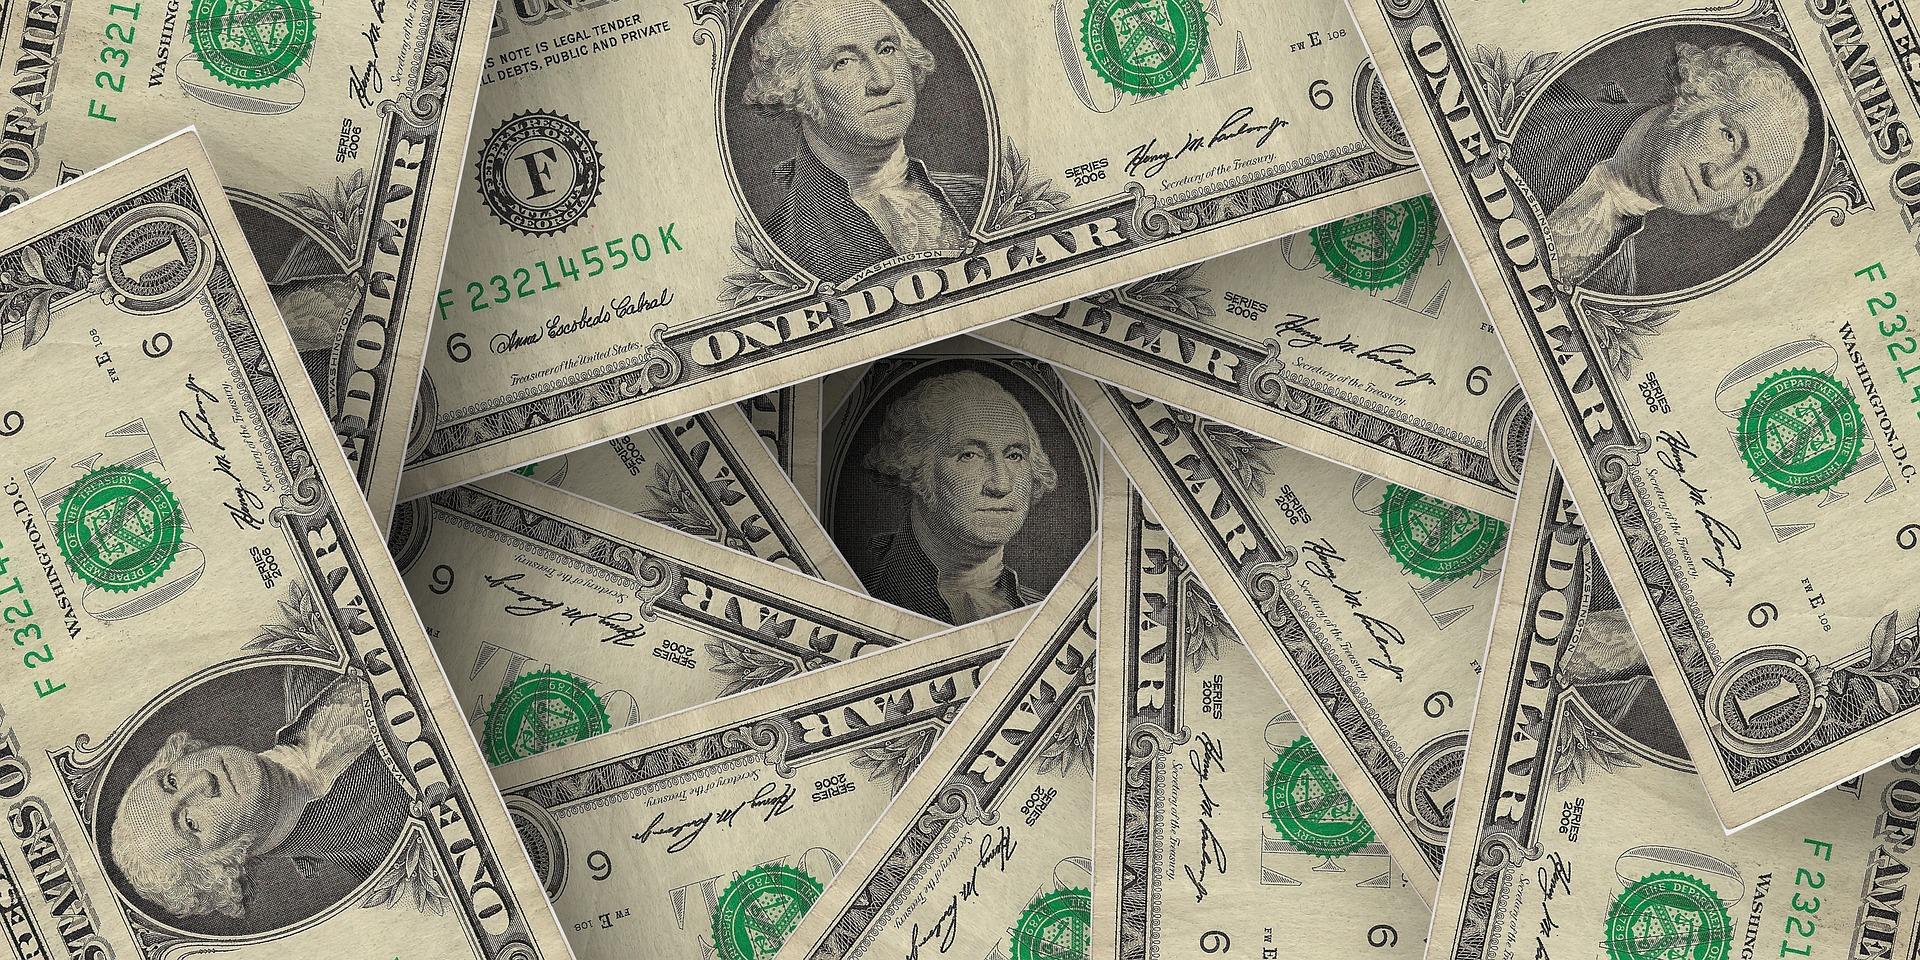 (Bolsa de valores reage e sobe pelo segundo dia seguido. Foto: Reprodução/Pixabay)